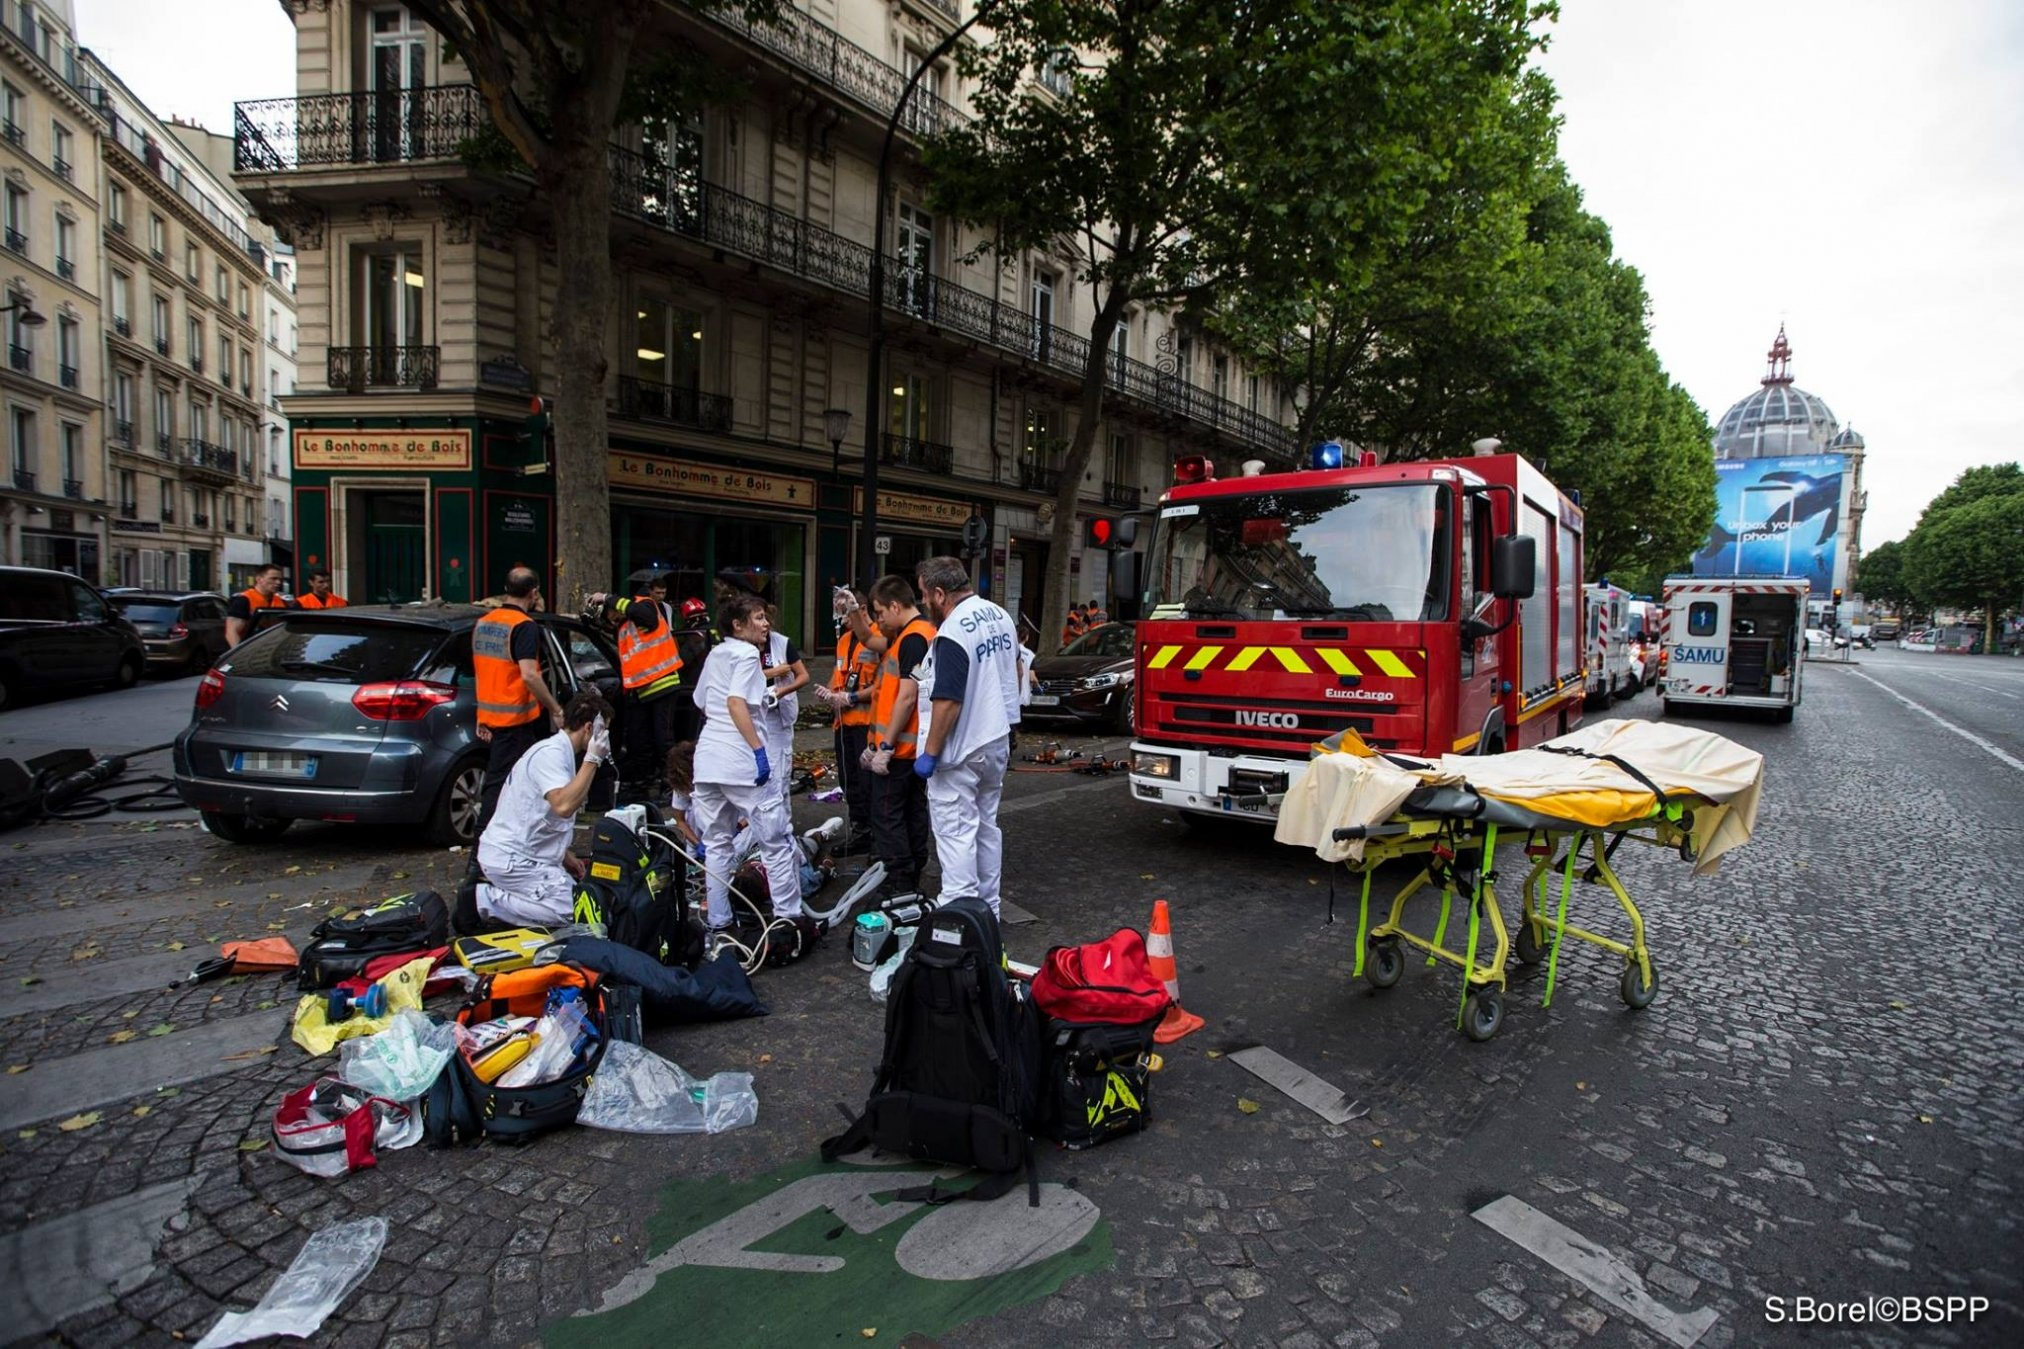 bspp.jpg?resize=1200,630 - Une fillette de 11 ans meurt après avoir été renversée par un camion en allant à l'école